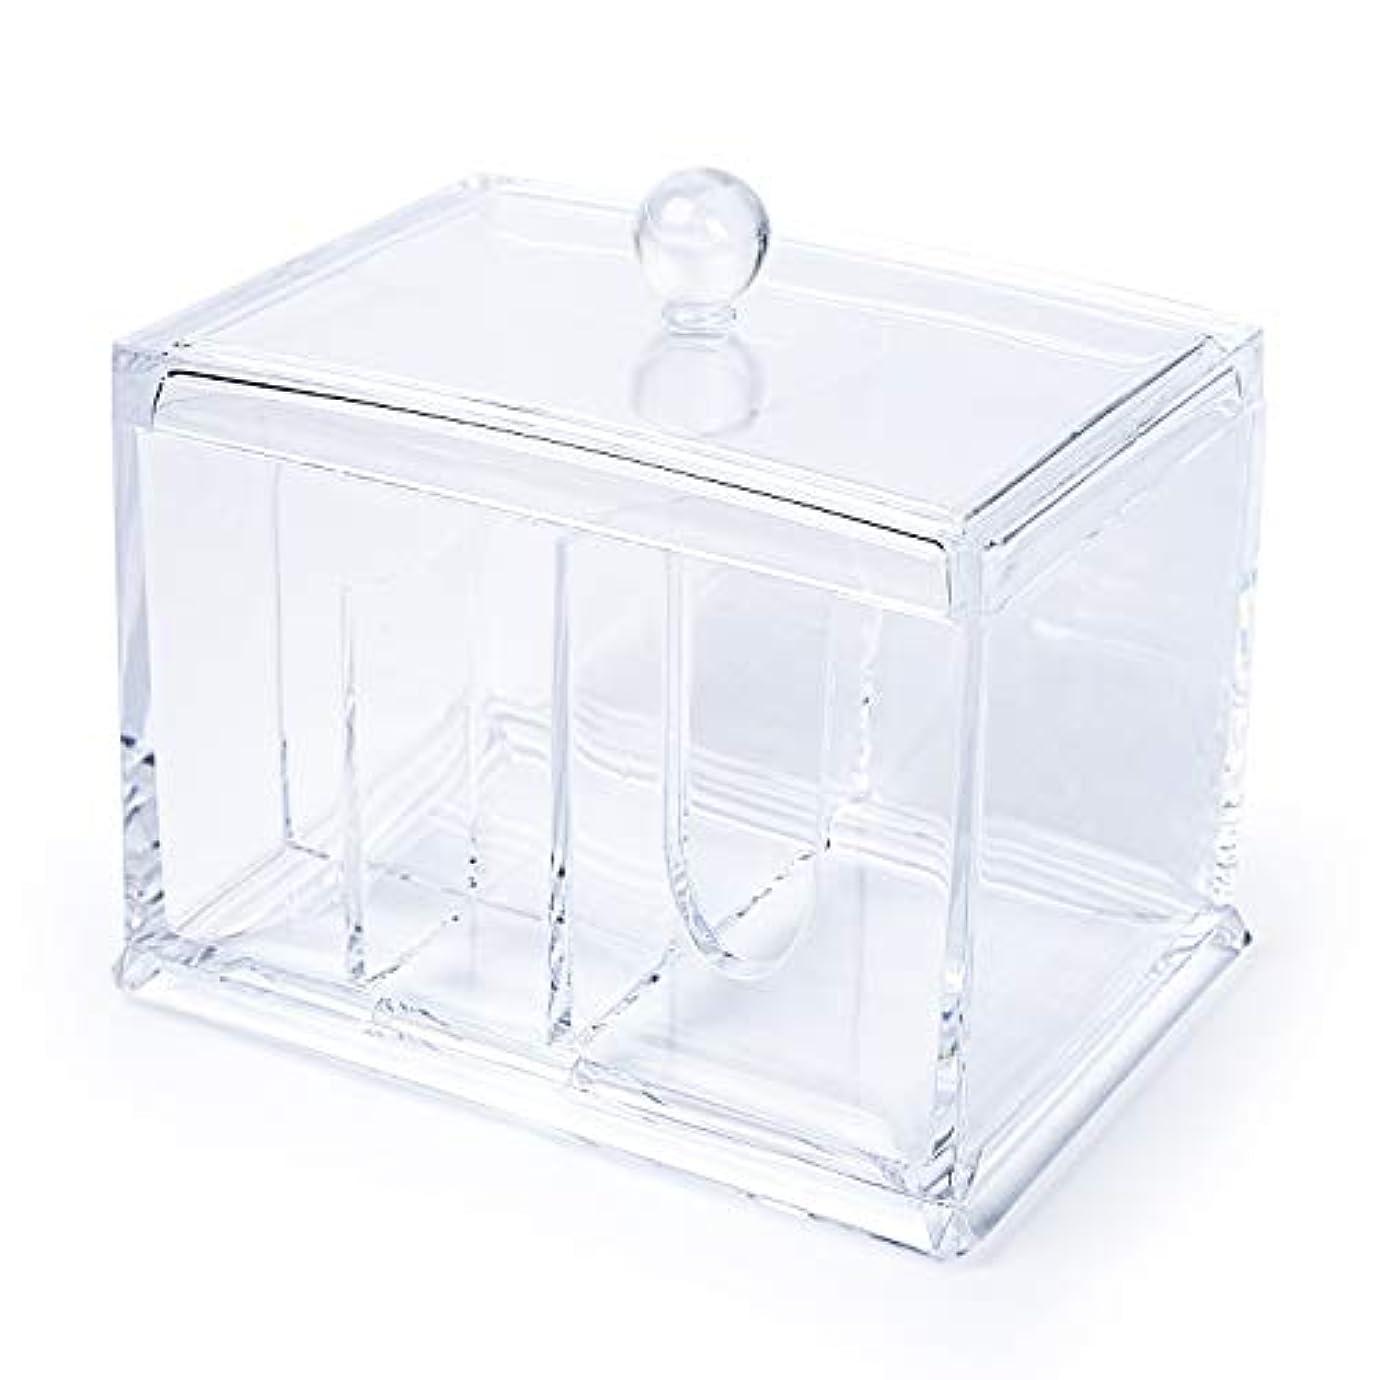 謙虚なスクラップスーパーELOKI 収納ボックス アクリルケース 収納ボックス 綿棒 小物?コスメ小物用品収納 ジュエリーボックス アクセサリー 透明 防塵?蓋付き アクリル製